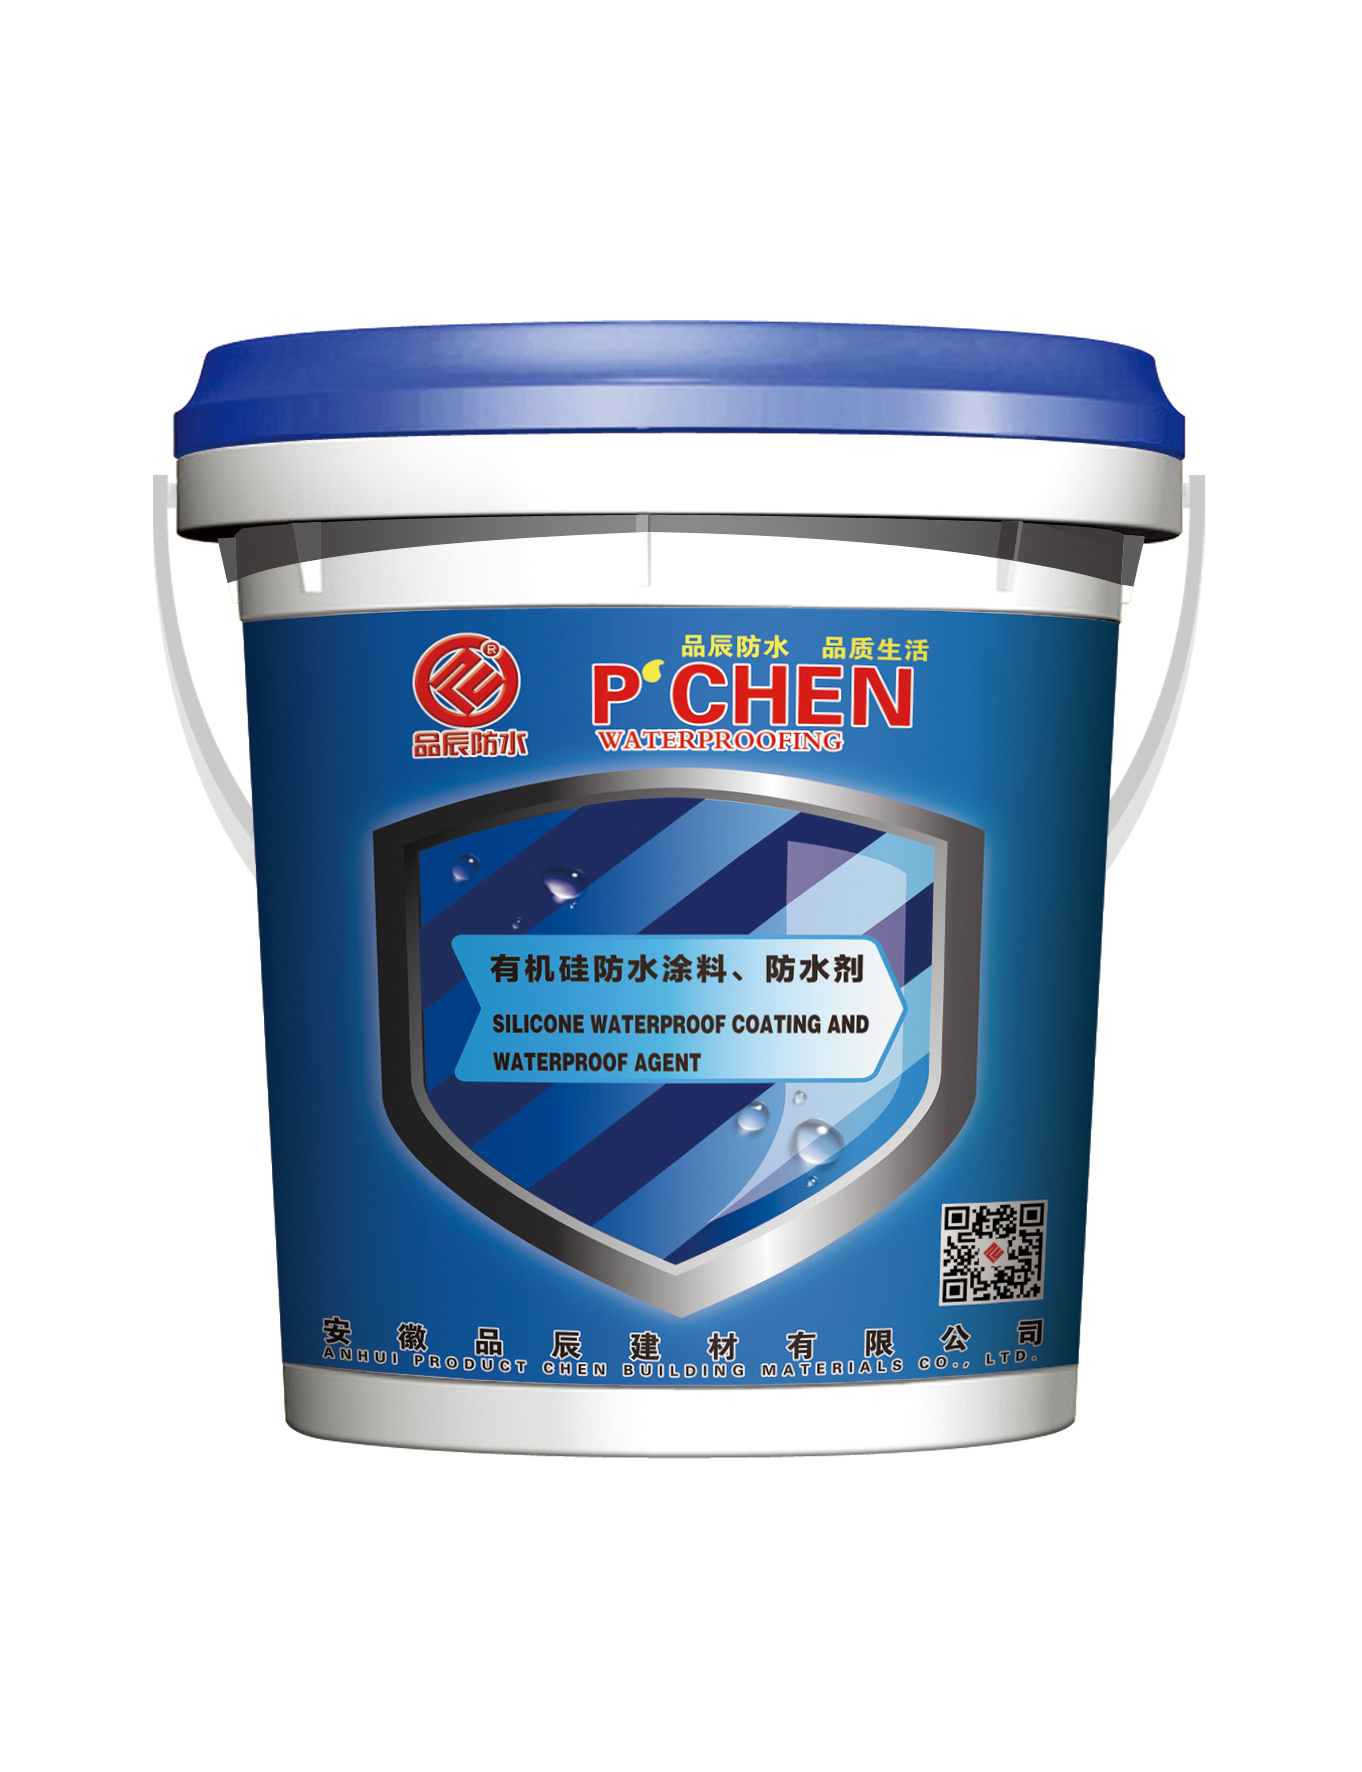 品辰防水-有机硅防水涂料、防水剂